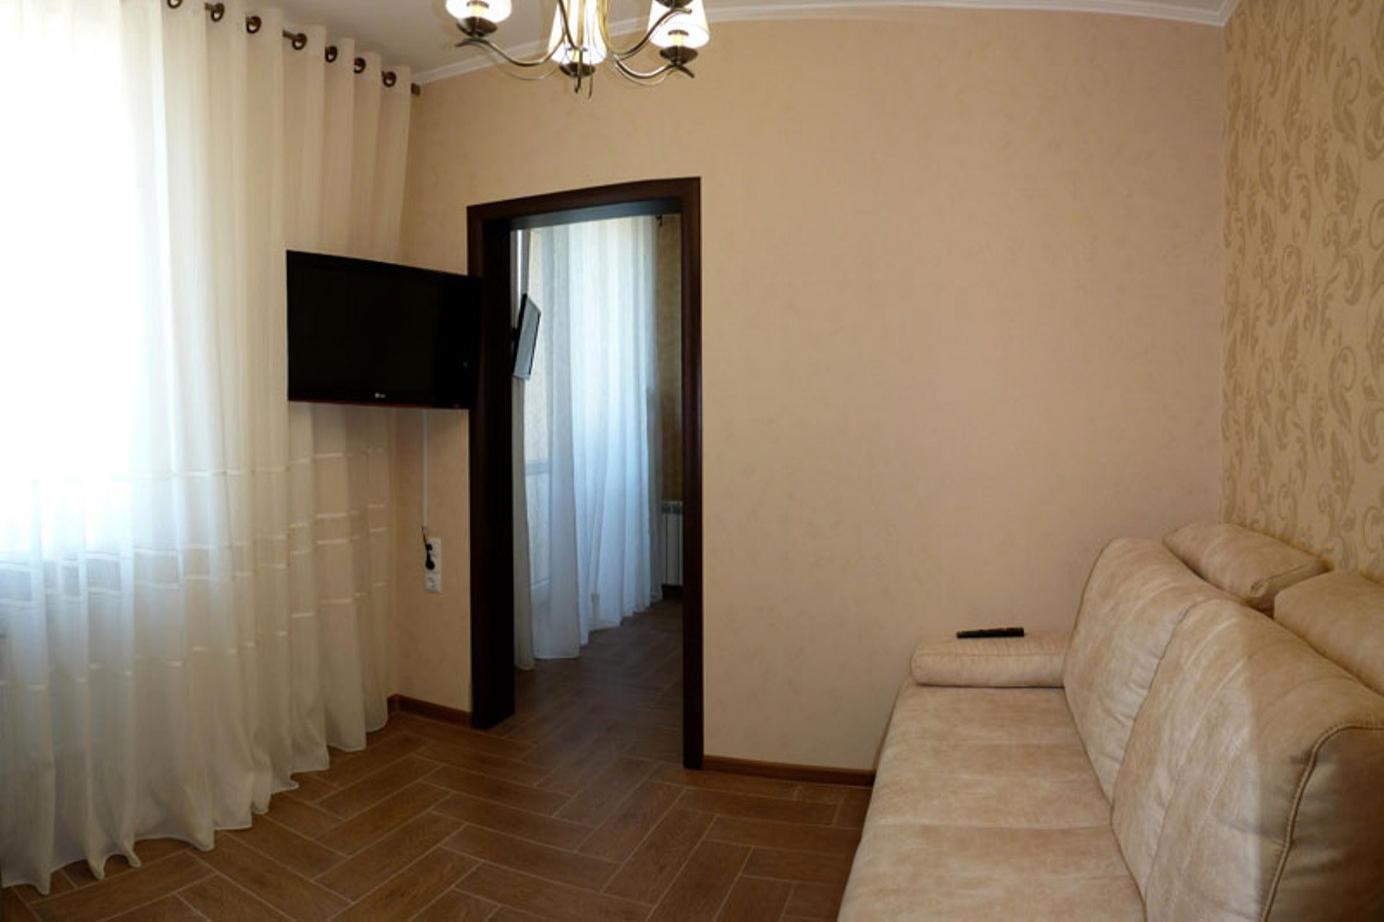 2-комнатная квартира посуточно (вариант № 1356), ул. Большая Морская улица, фото № 8